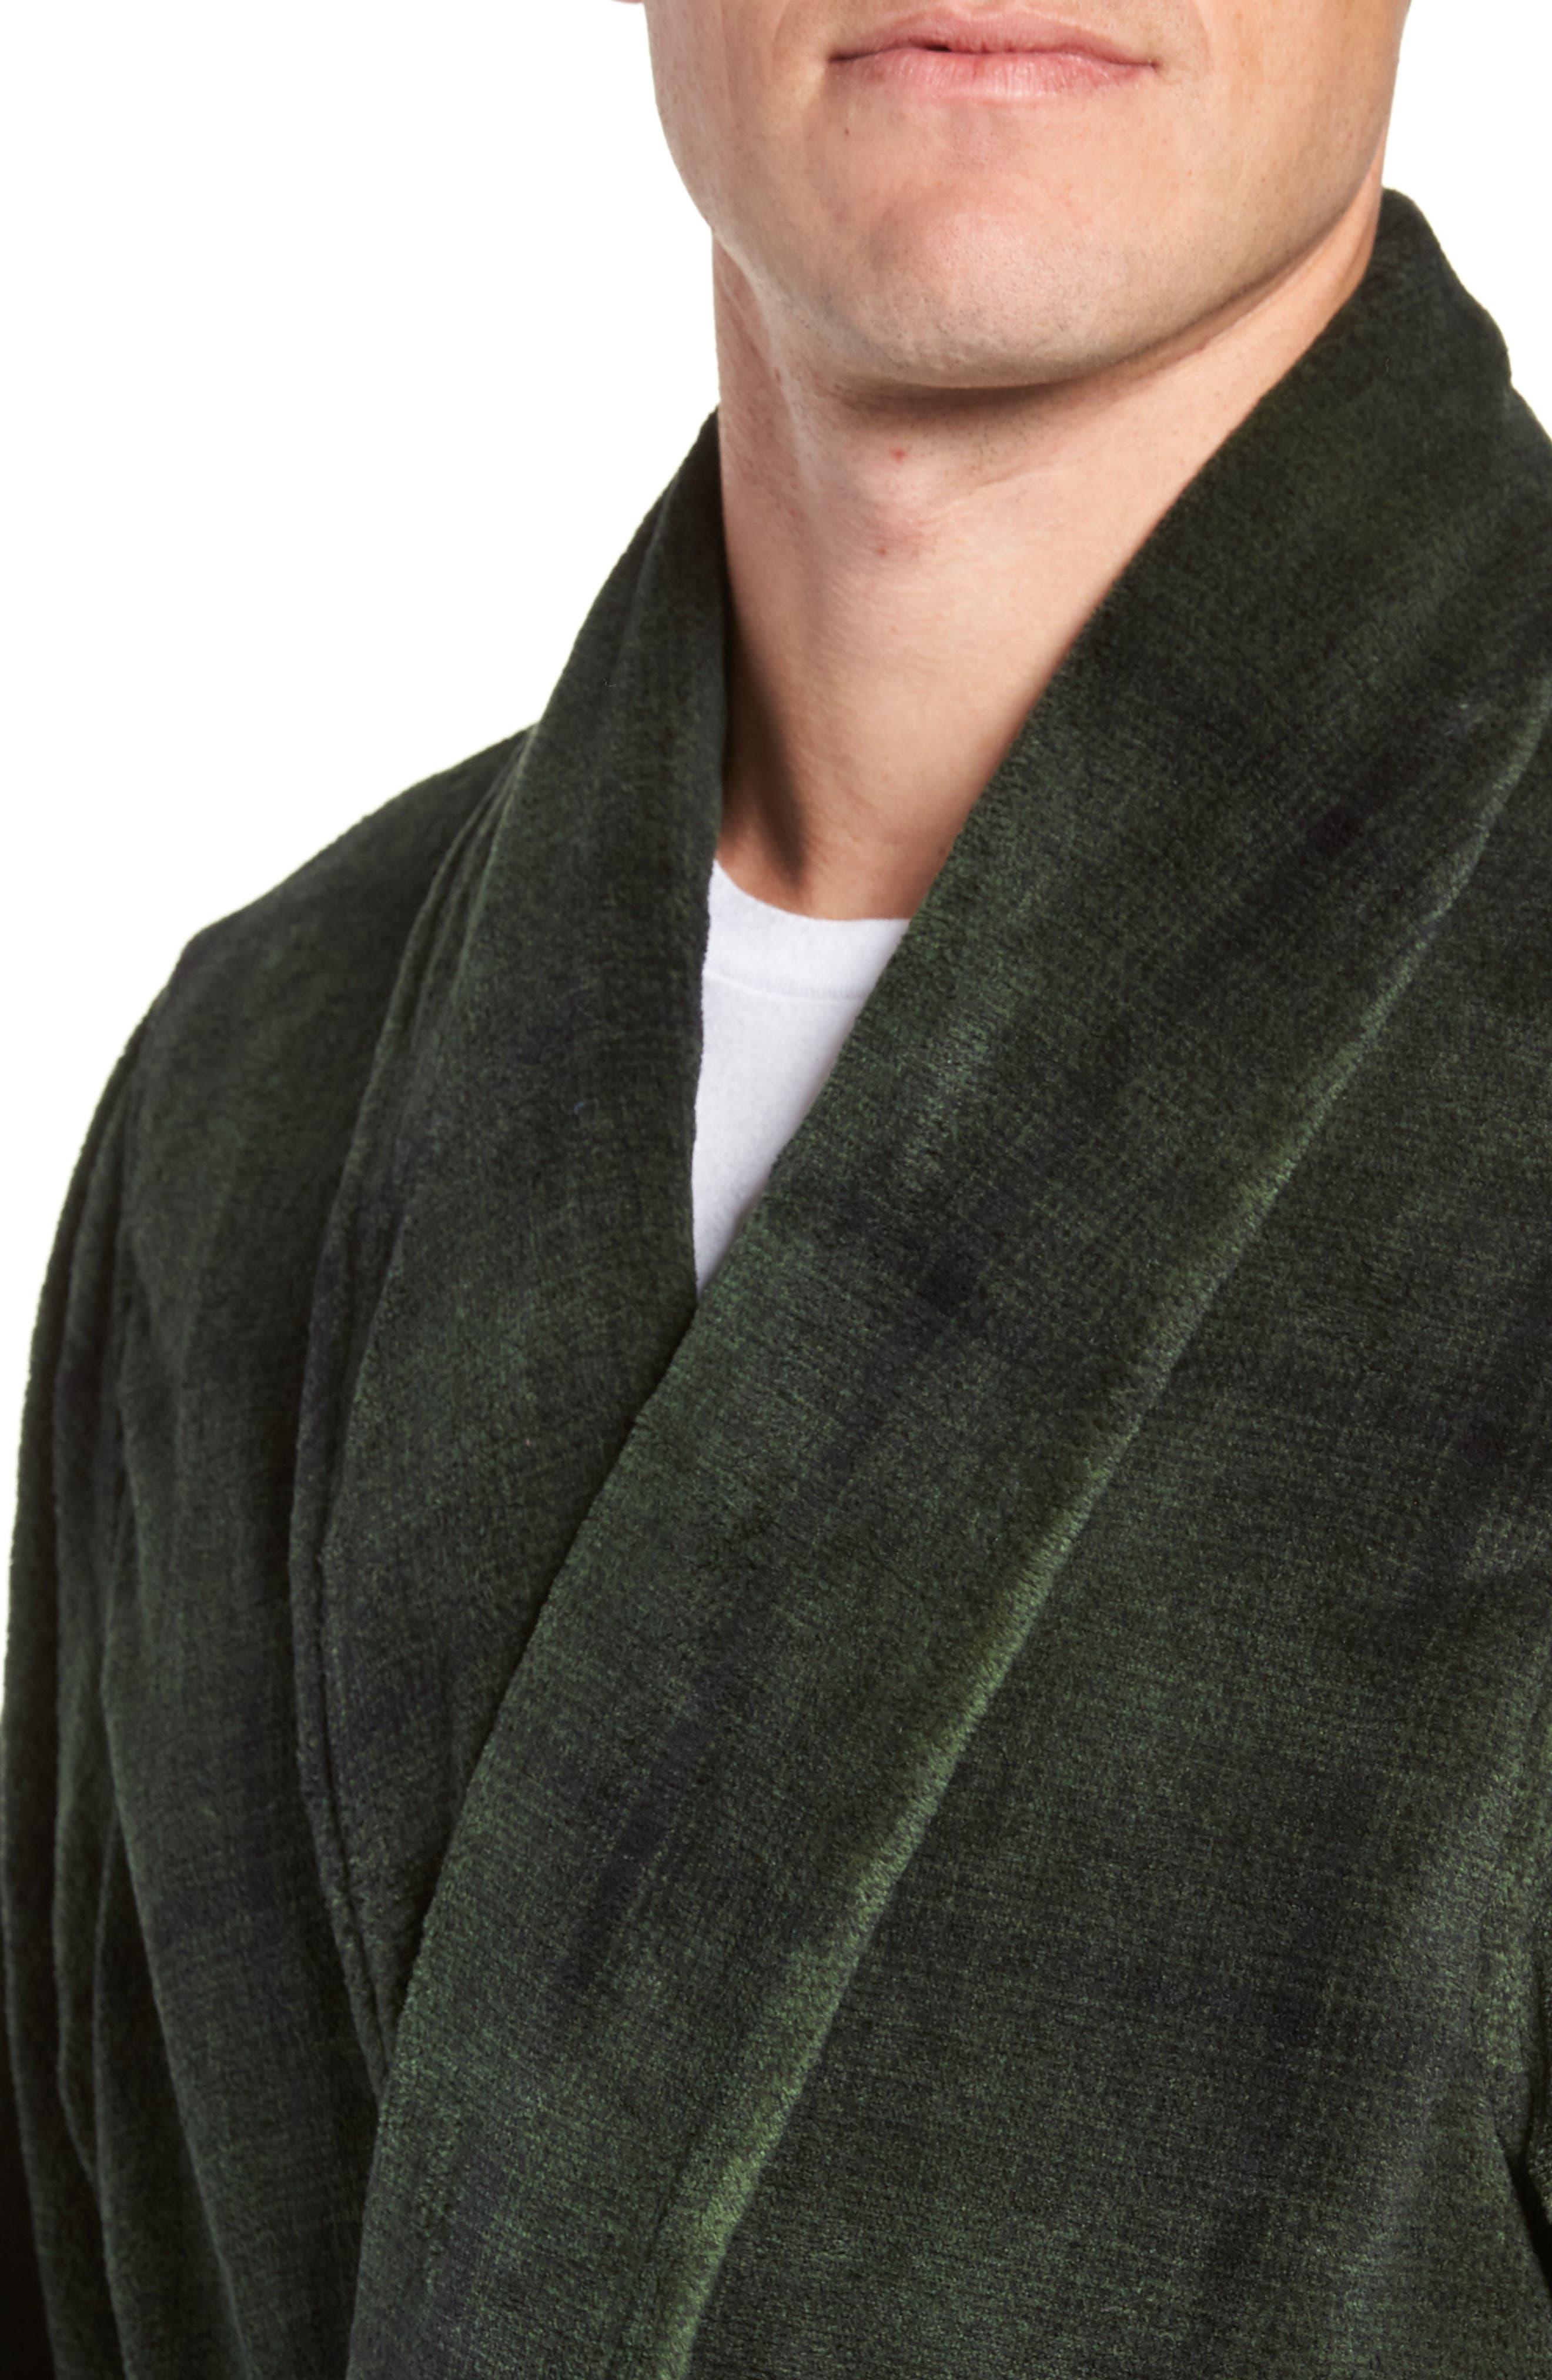 Ombré Plaid Fleece Robe,                             Alternate thumbnail 4, color,                             GREEN - BLACK OMBRE PLAID